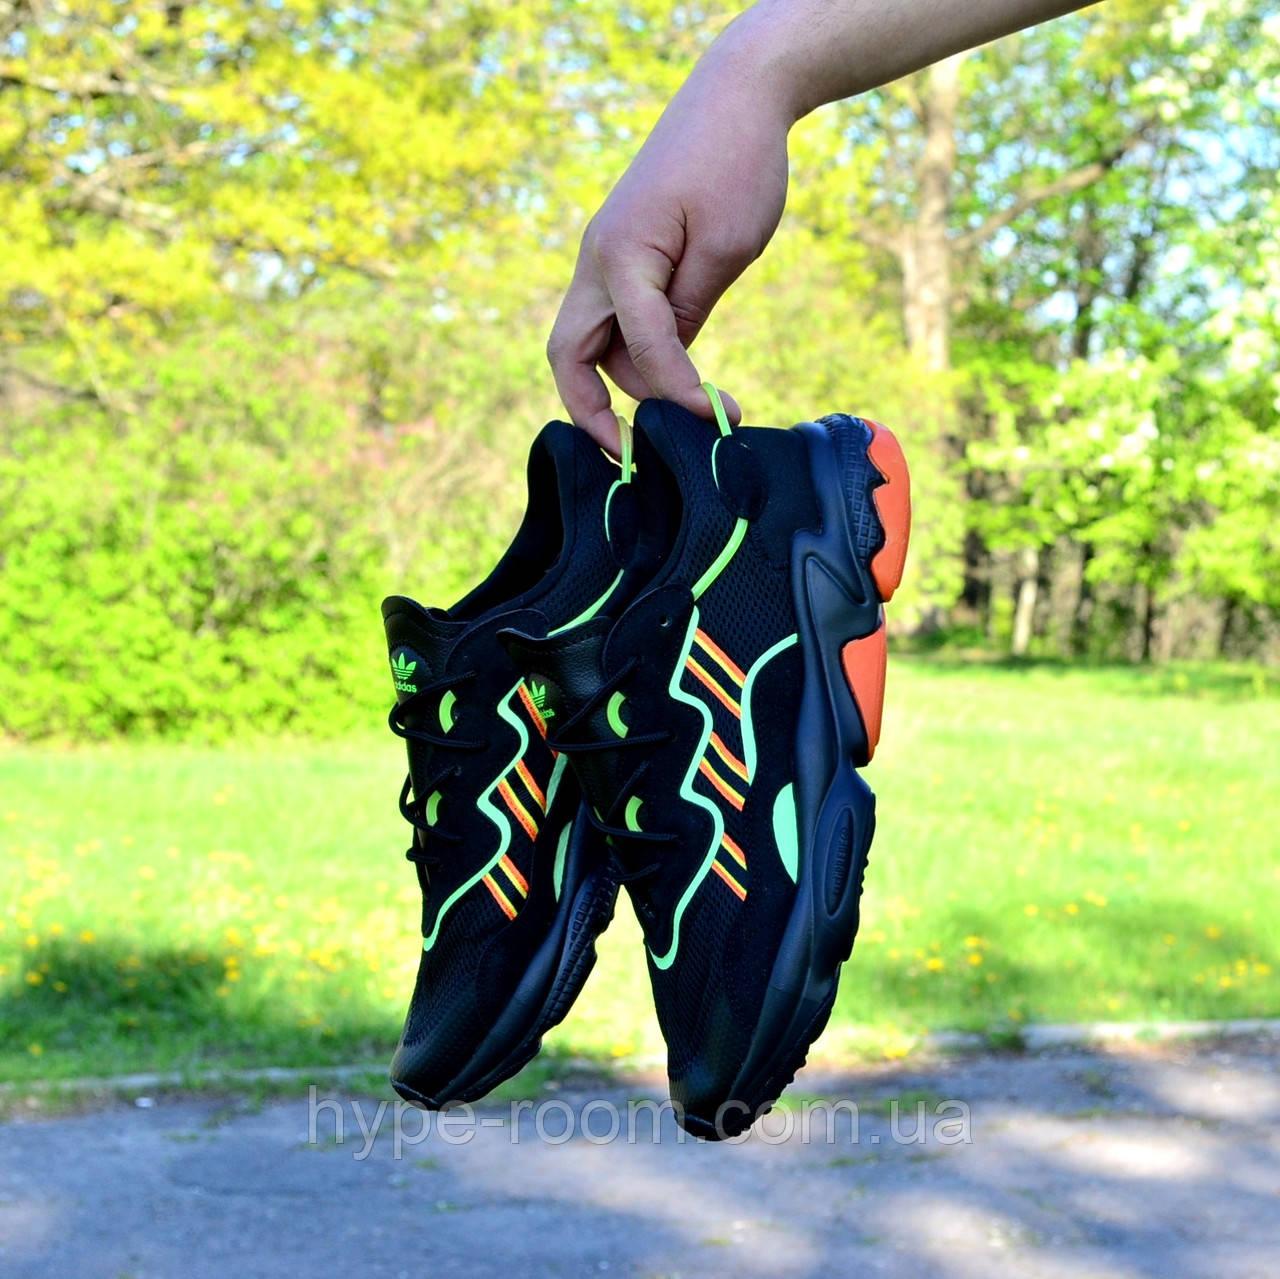 Мужские Кроссовки Adidas Ozweego Black Green Orange адидас озвего черные чоловічі кросівки адідас чорні озвіго